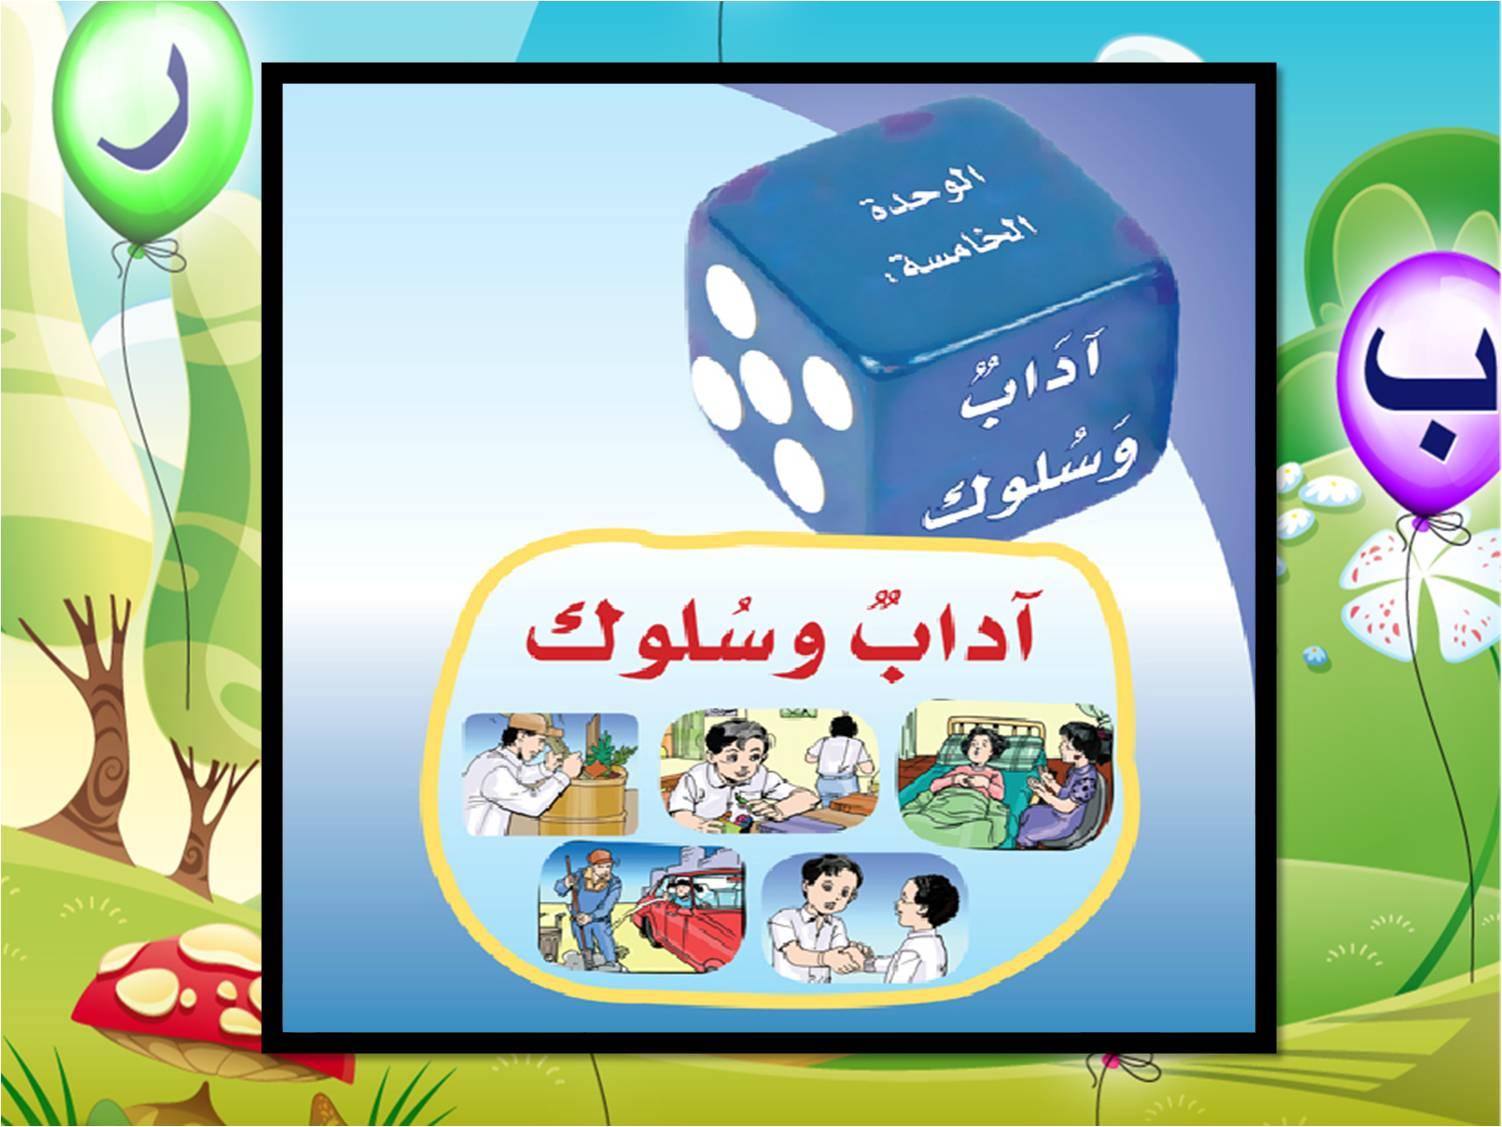 تحميل كتاب لغتي للصف الثاني الابتدائي الفصل الثاني